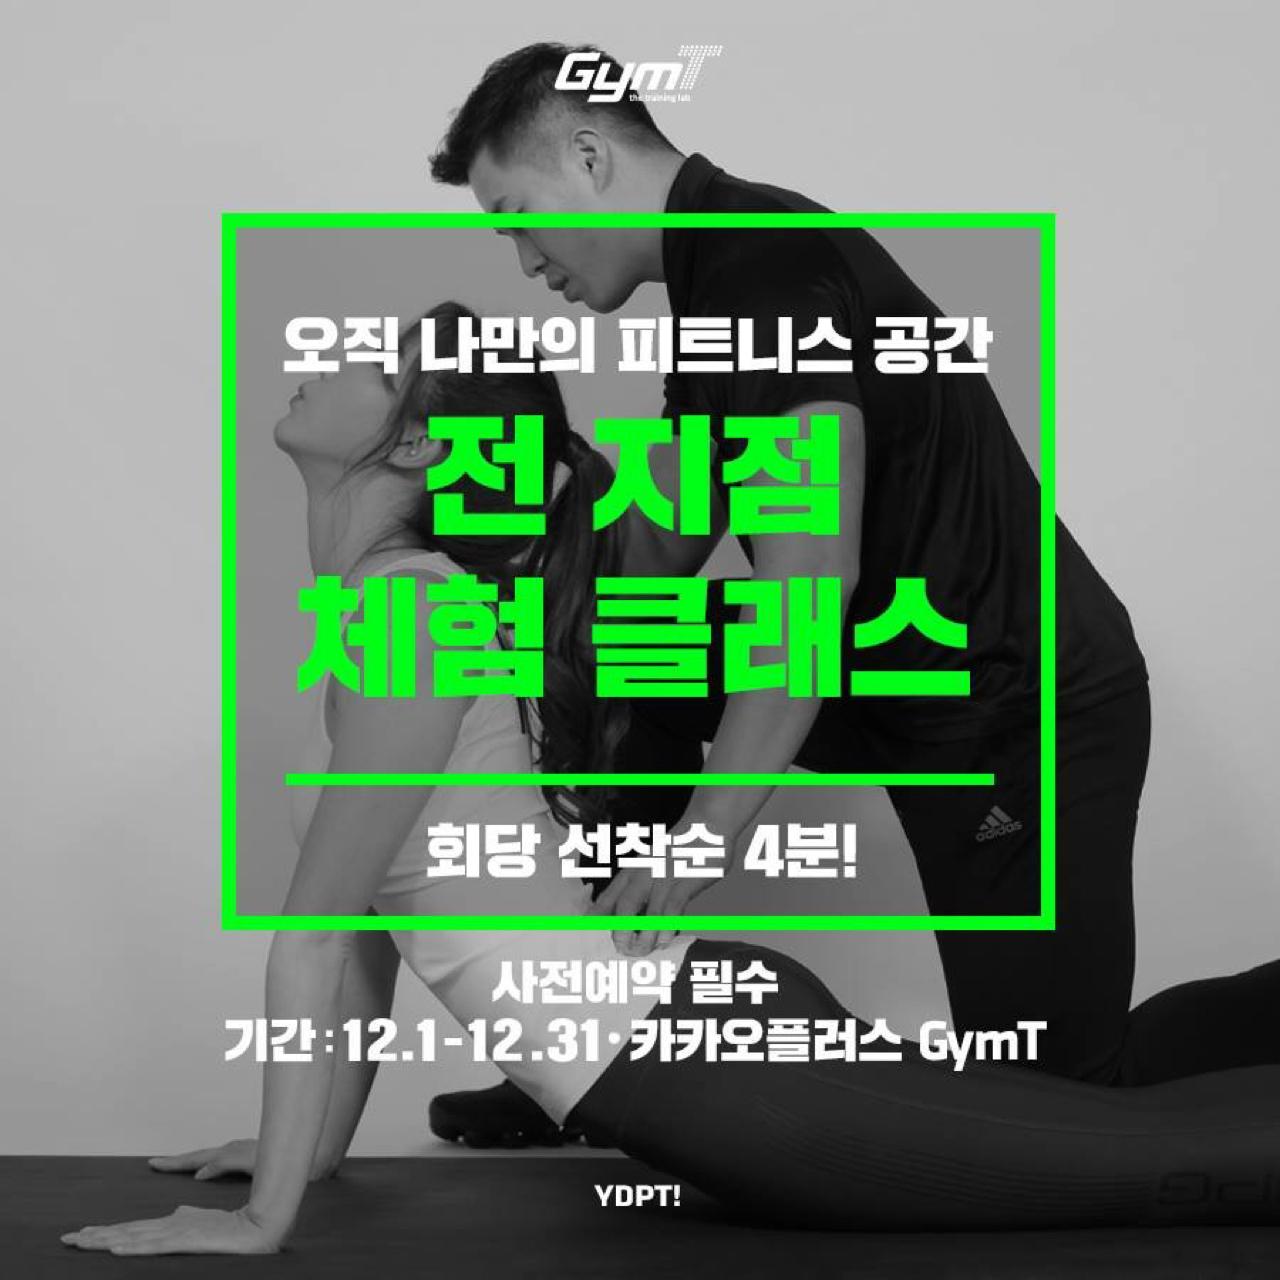 프라이빗트레이닝 GymT 12월 체험클래스 모집!!